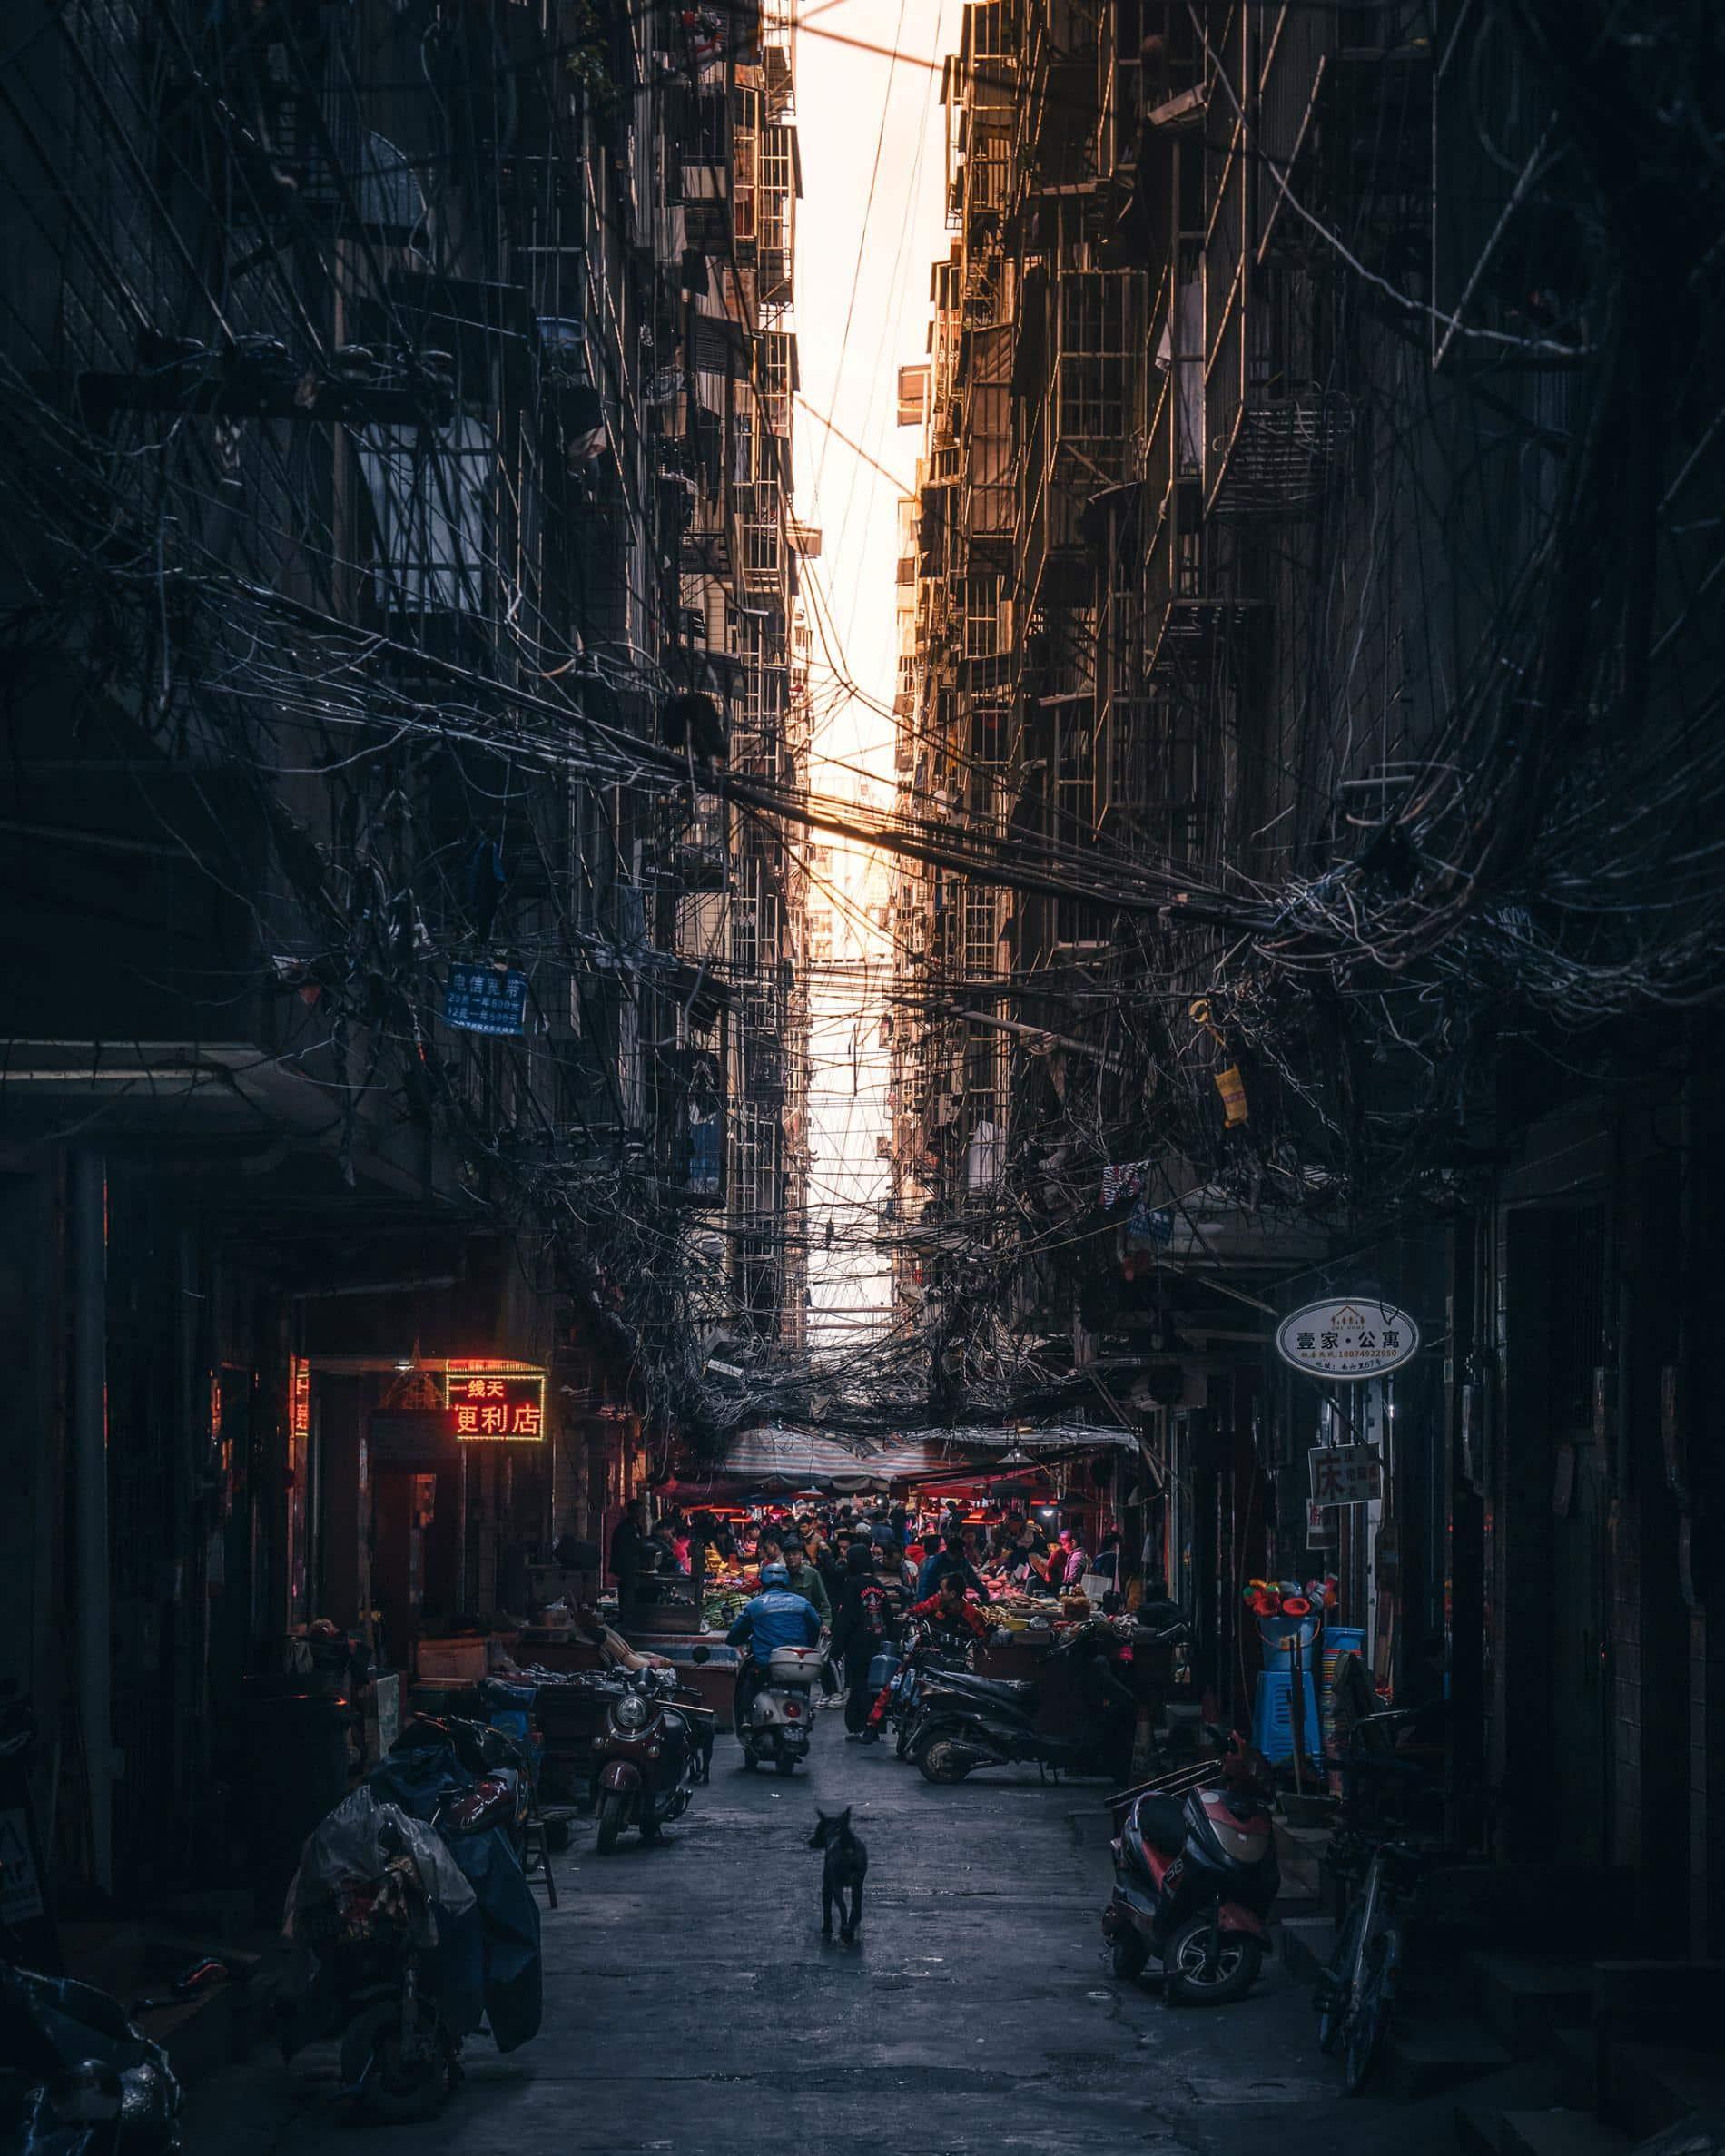 RK FOTOGRAFO COTIDIANIDAD ASIA CABLES LUZ